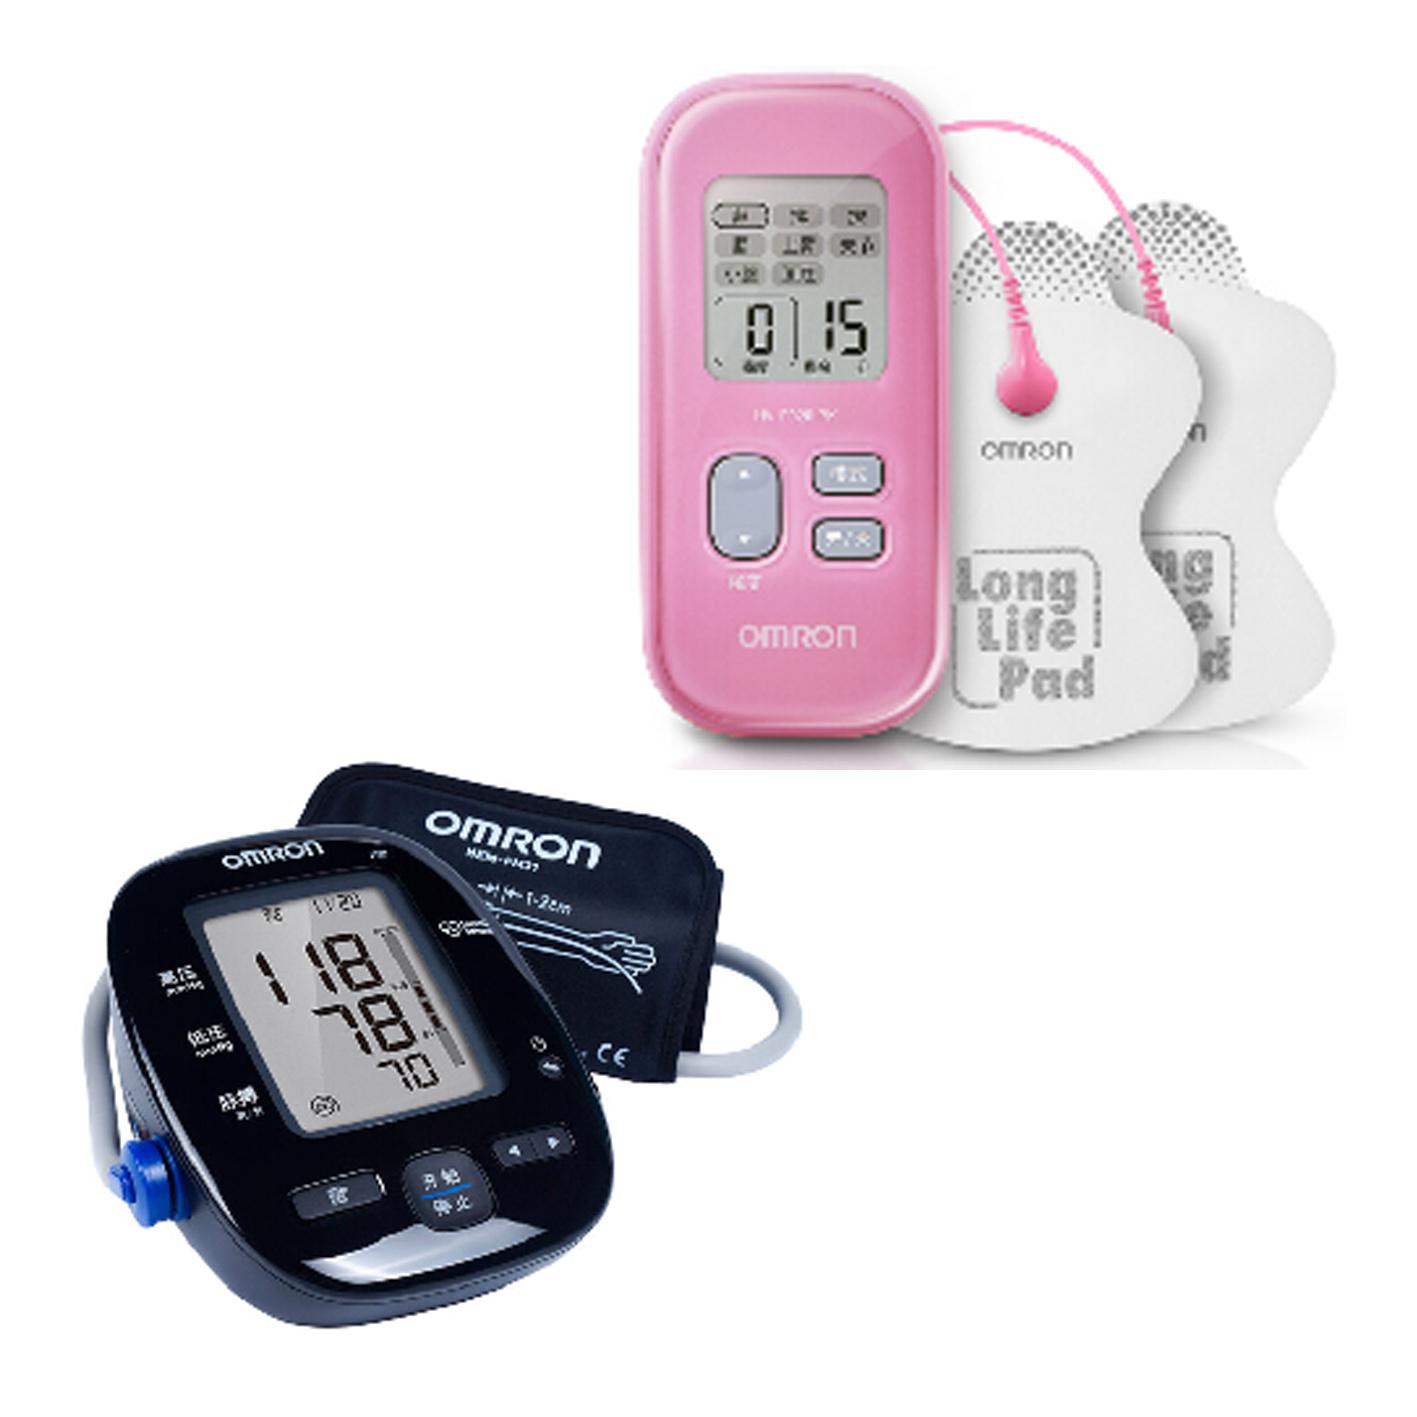 欧姆龙omron电子血压计日本原装进口血压仪家用精准高血压测量仪医用测血压表全自动量血压机器 【升级蓝牙款】机器+易卷袖带+体温计(不含礼盒)